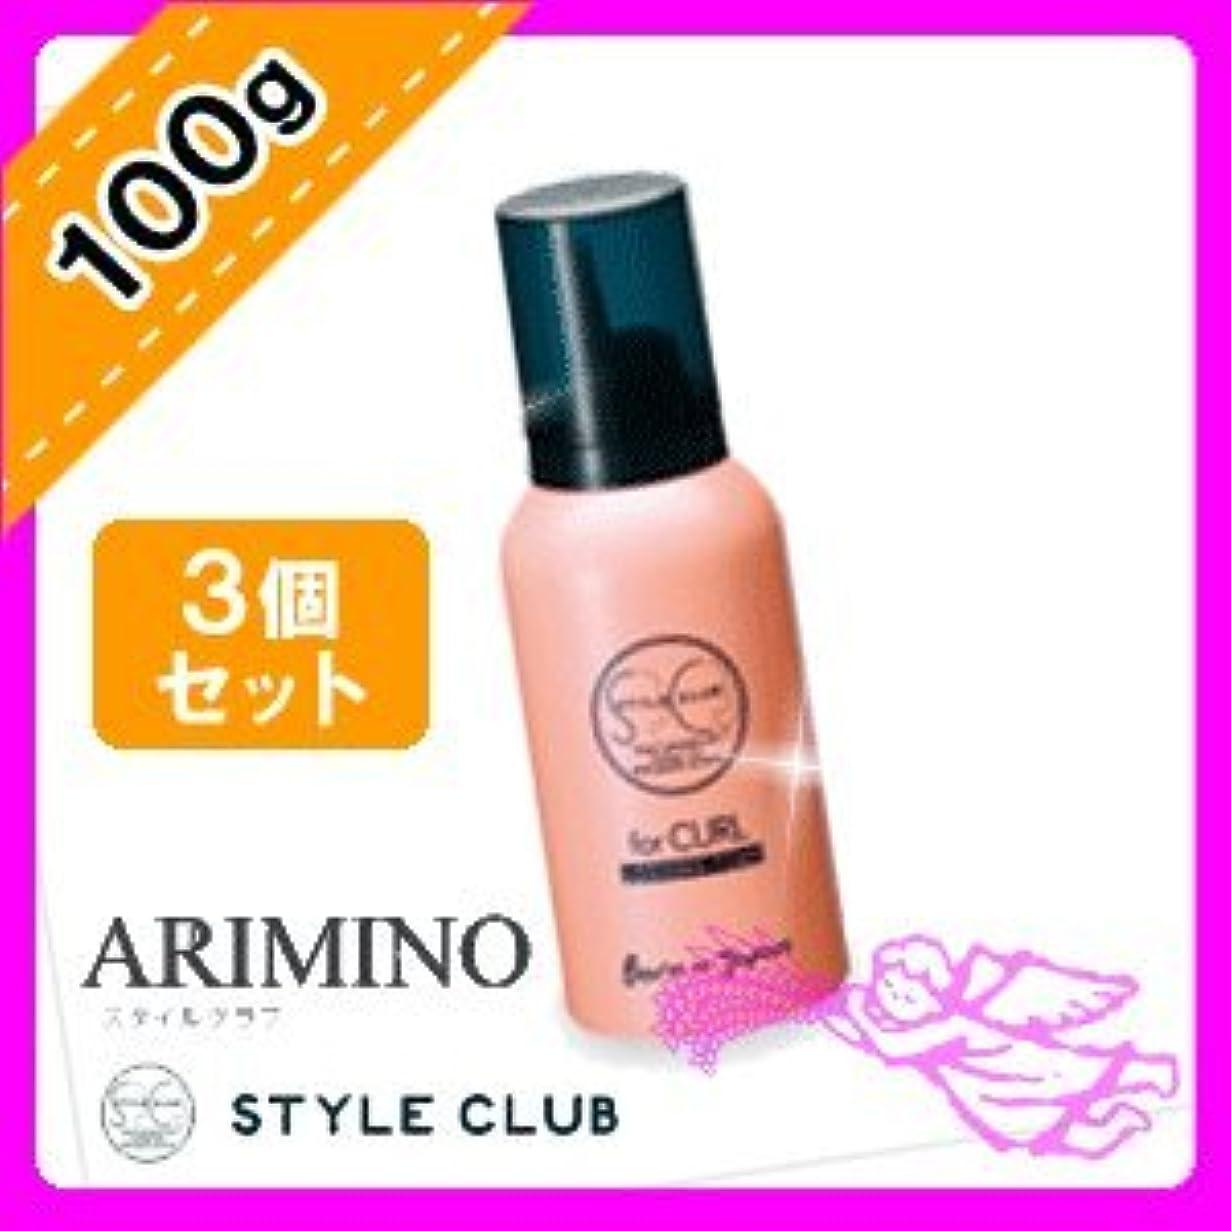 樹木チケット集中的なアリミノ スタイルクラブ ルージングフォーム 100g ×3個 セット